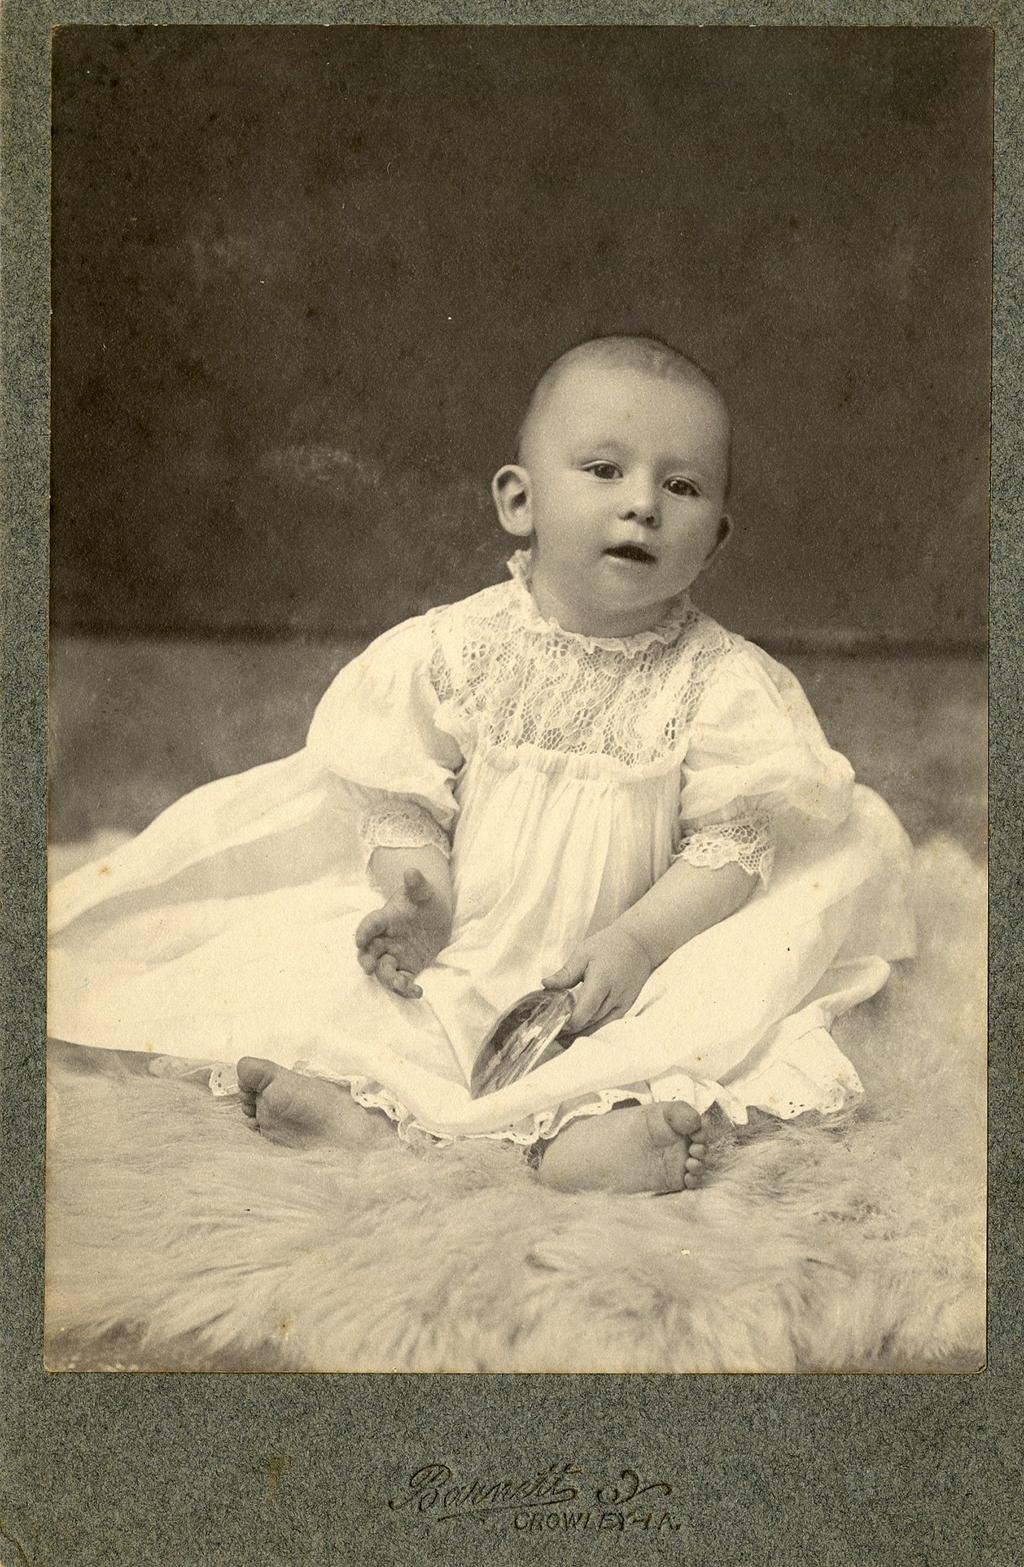 Rose Wilder Lane Photographs The Herbert Hoover Presidential